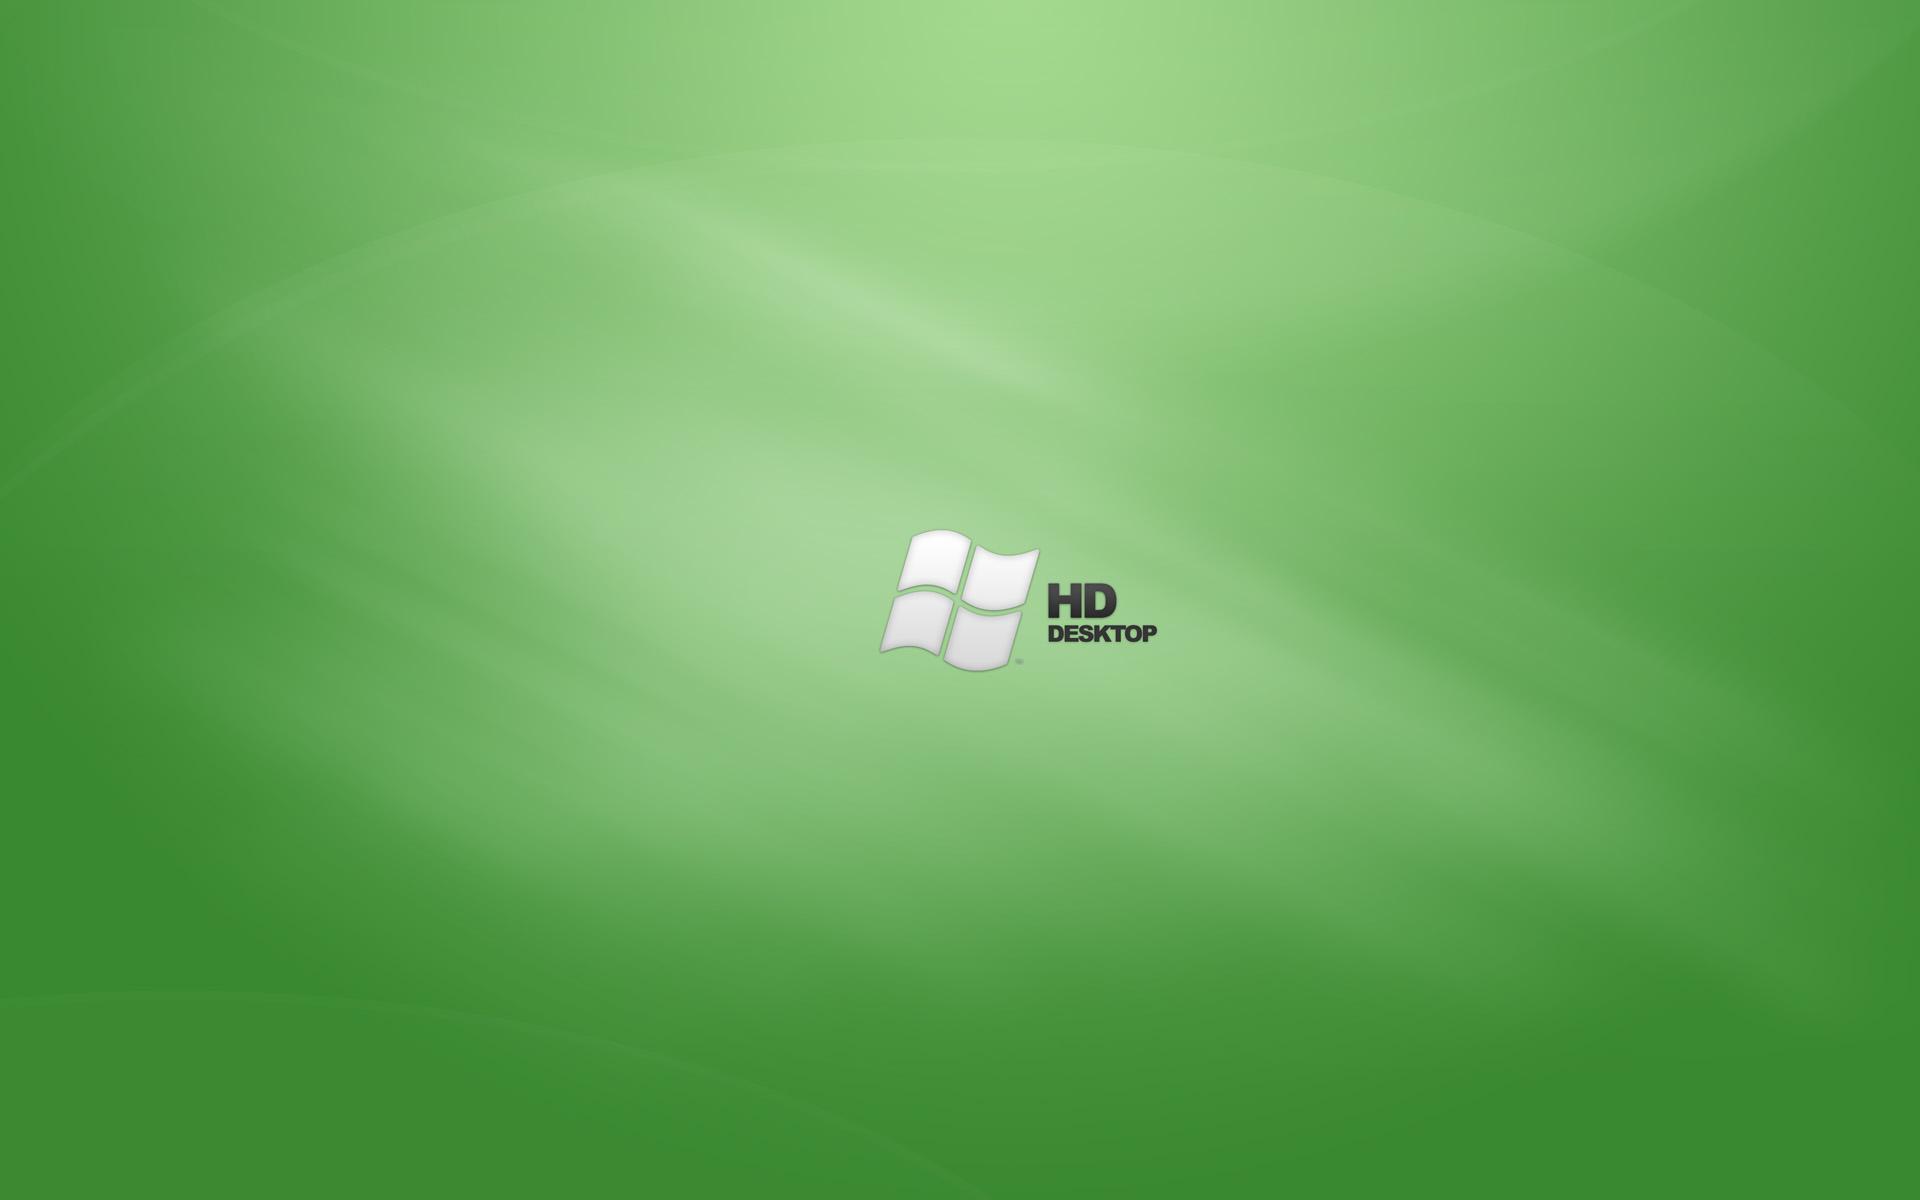 Green HD Desktop wallpapers Green HD Desktop stock photos 1920x1200